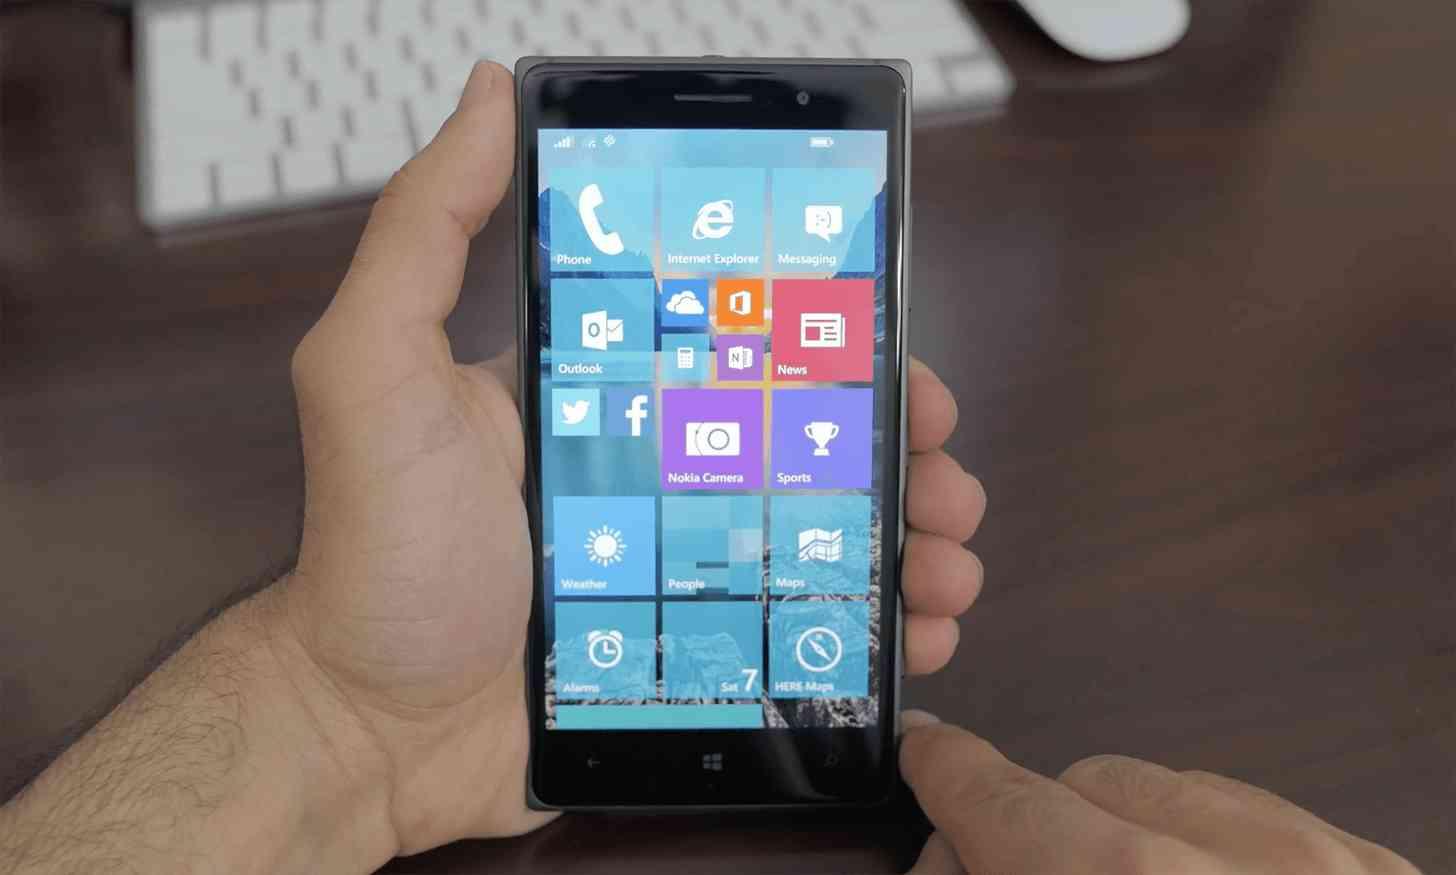 Windows 10 Mobile Lumia 830